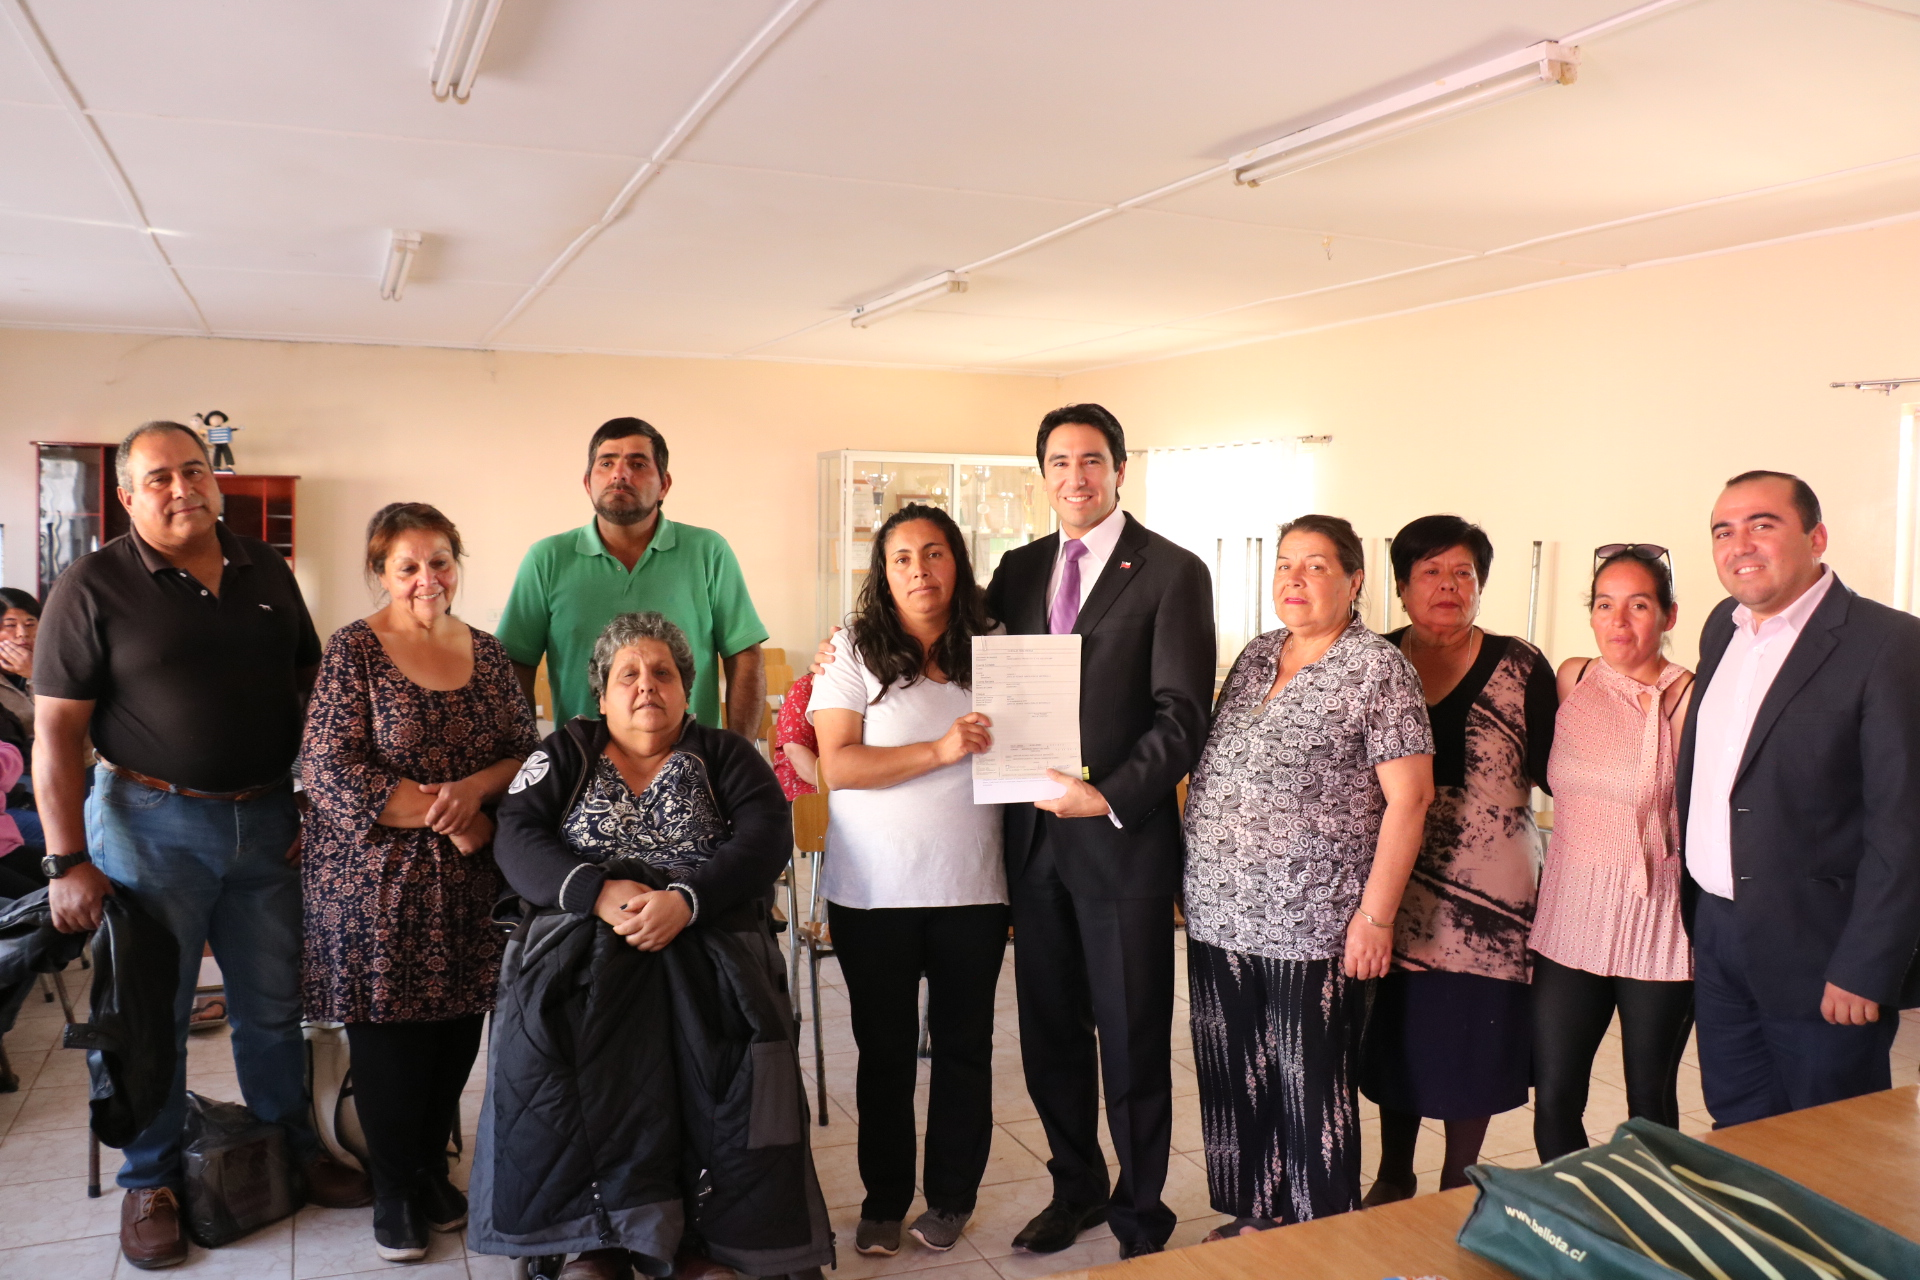 Entregan recursos a organizaciones sociales en Vallenar y Freirina